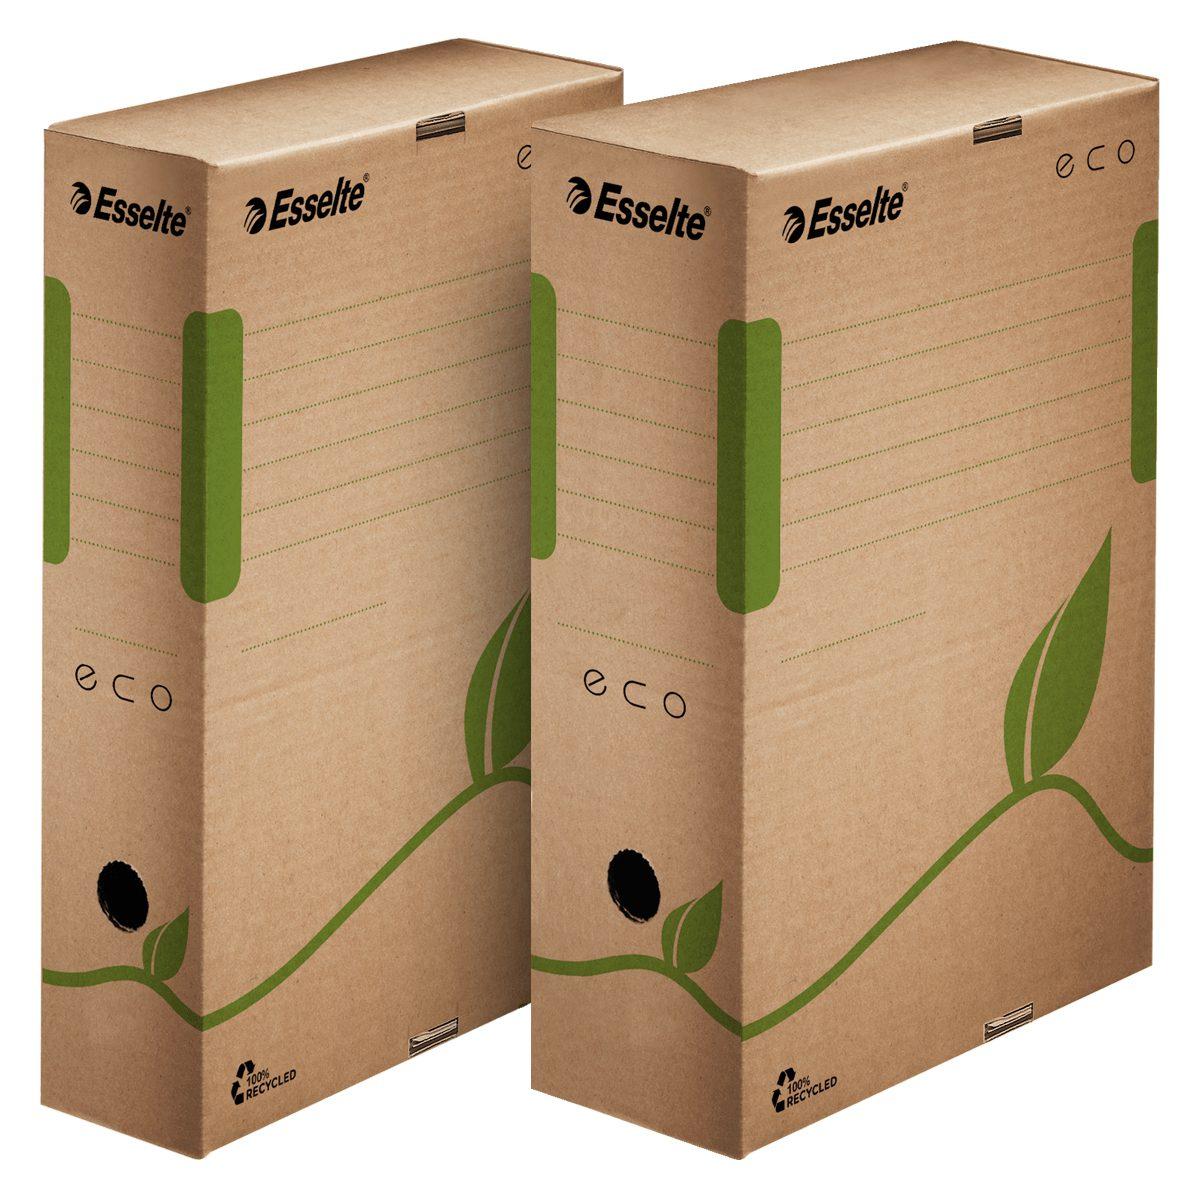 Cutie Pentru Arhivare, 80 / 100 Milimetri, Eco, Esselte